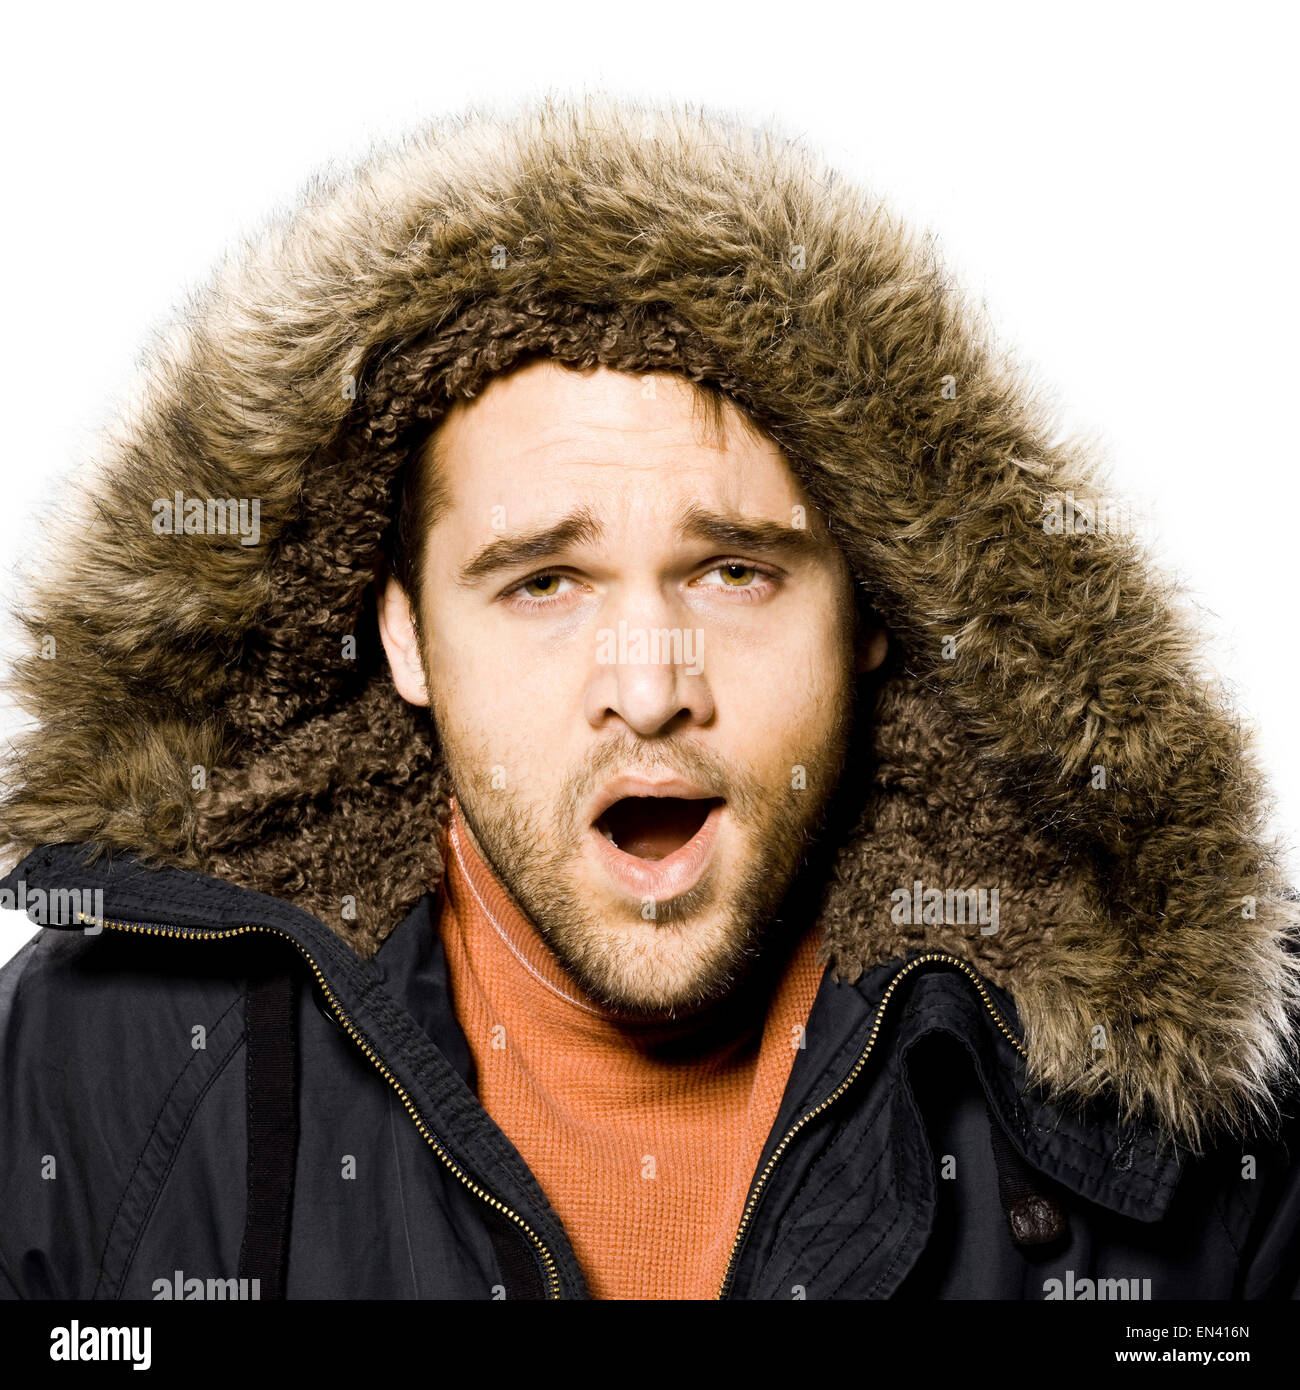 Homme portant un manteau d'hiver avec une capuche de